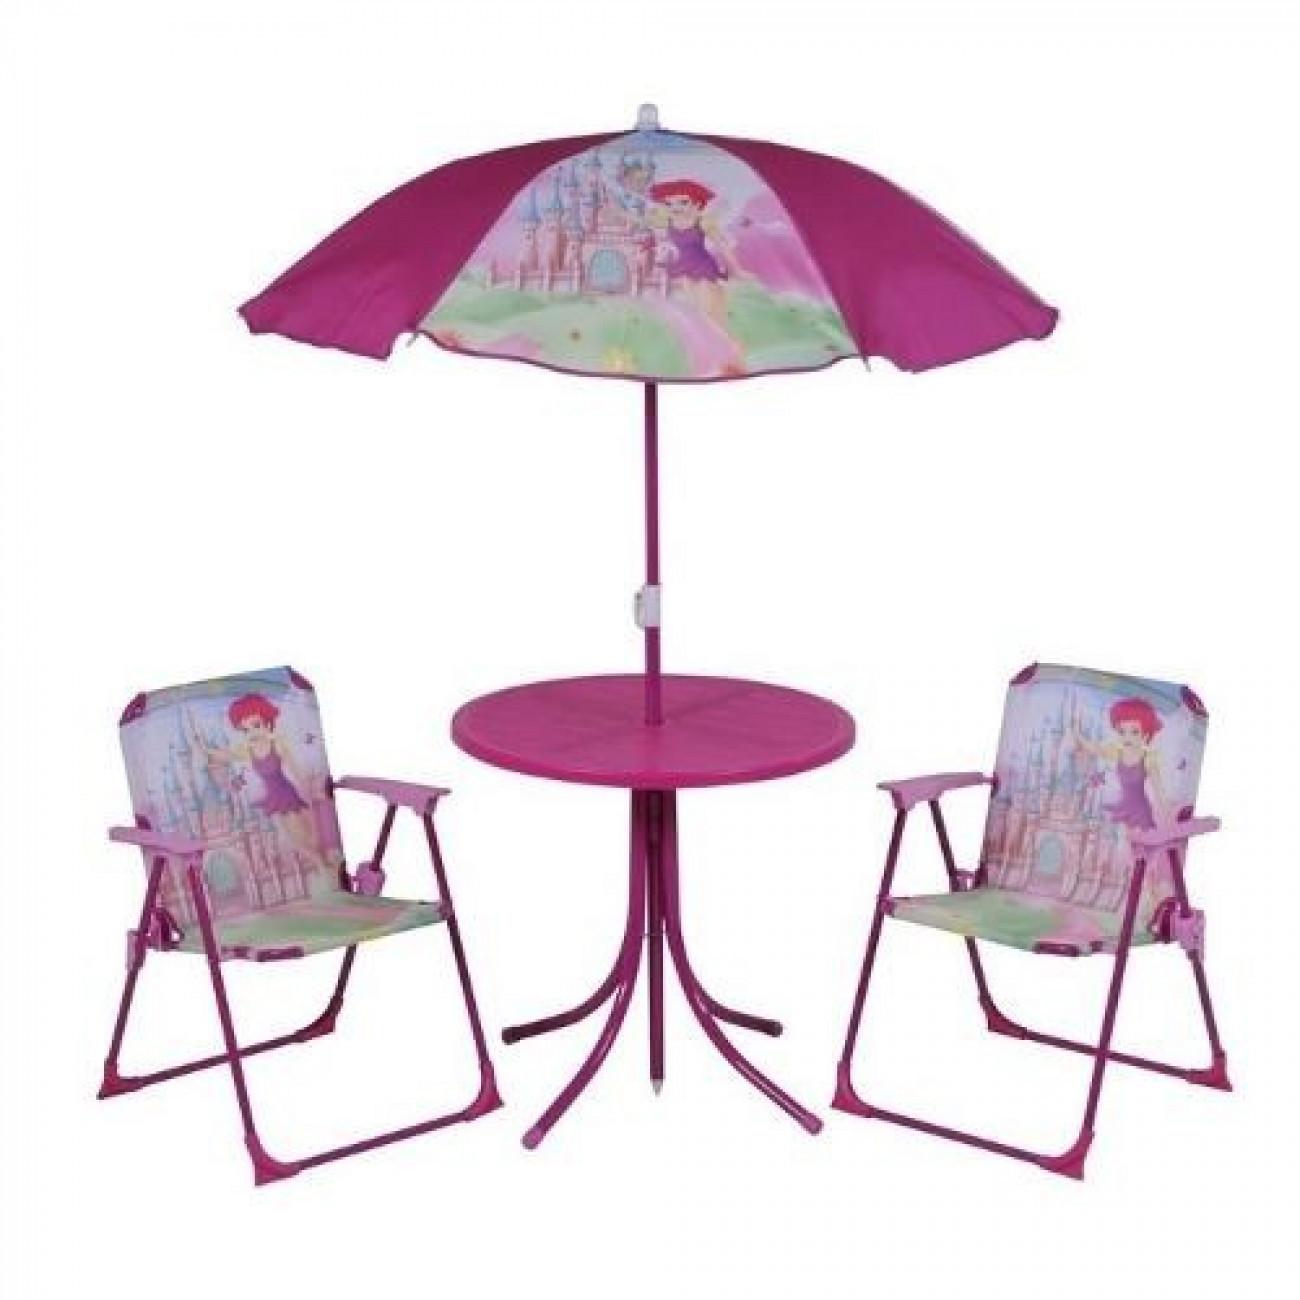 Conjunto Infantil Fadinha Mesa Cadeira e Guarda Sol - Rosa 002097 - MOR